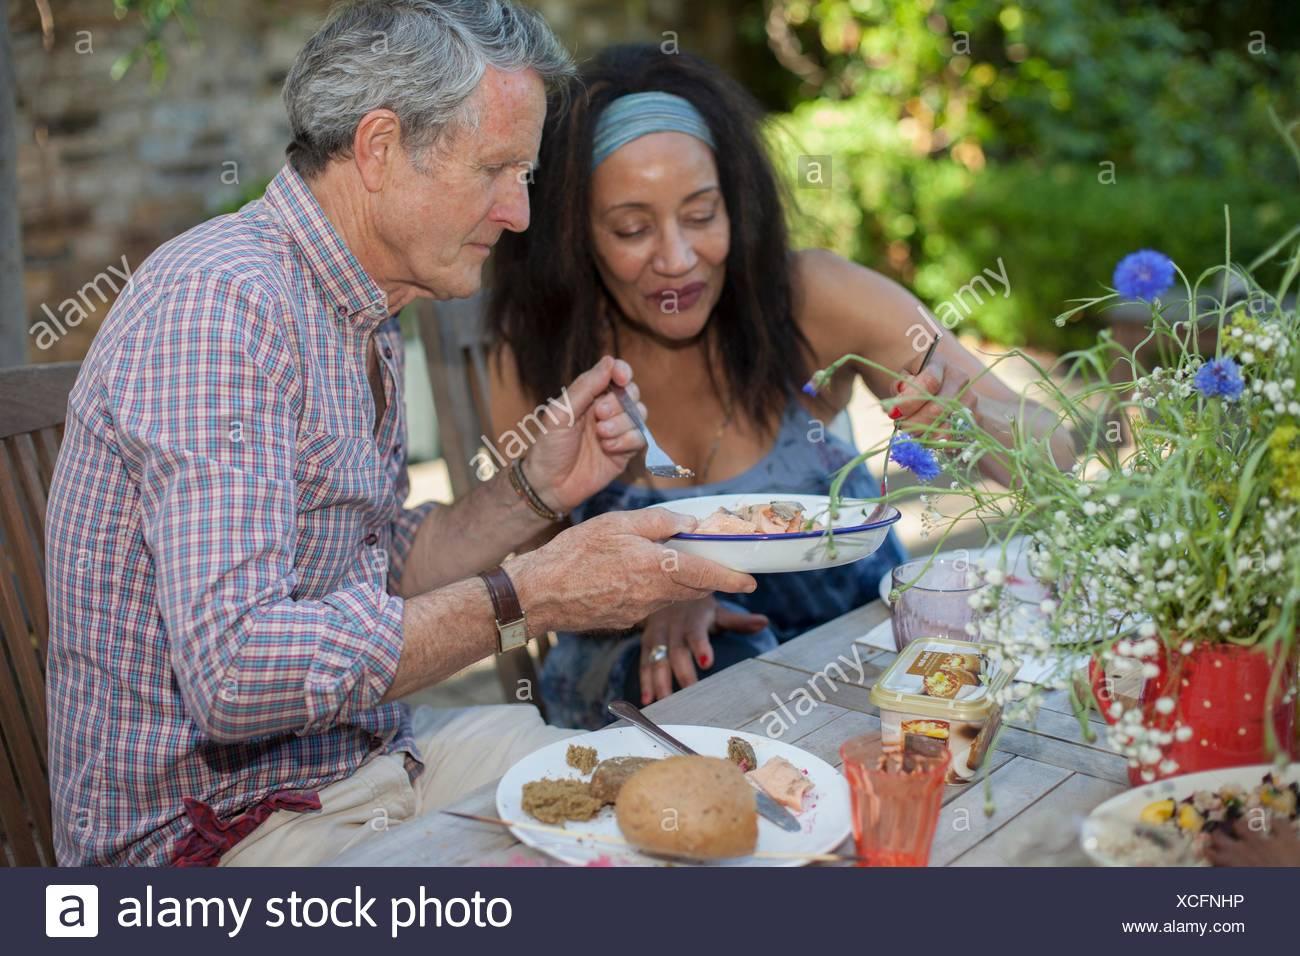 Coppia senior di mangiare pasti all'aperto Immagini Stock